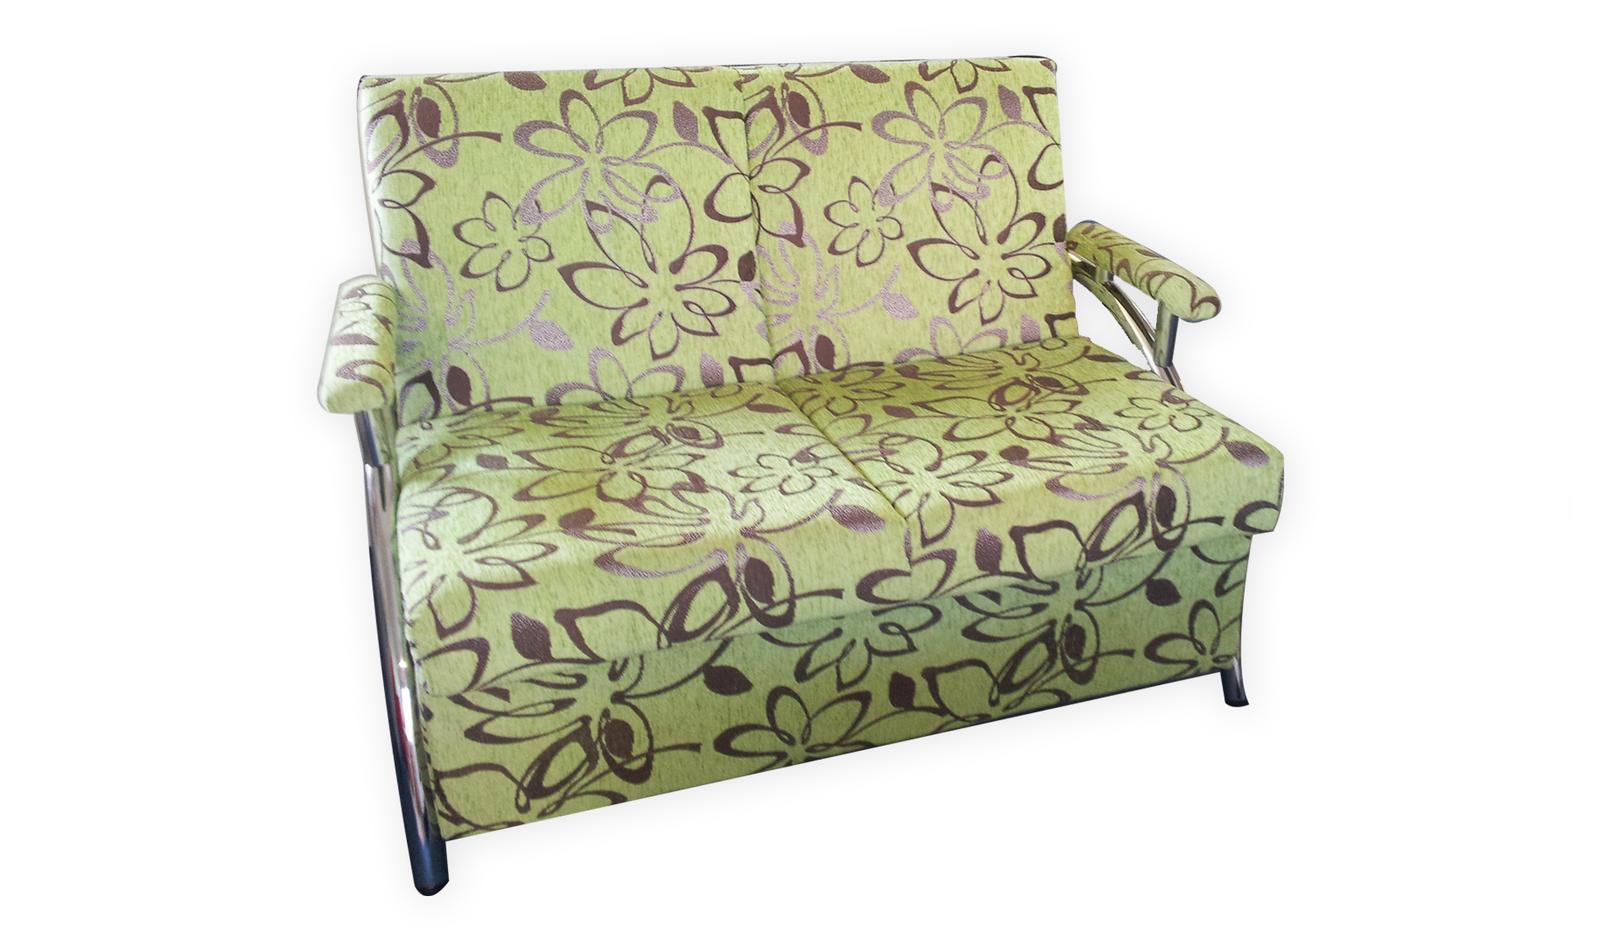 Malá sedačka - 2sed - Obrázok č. 1